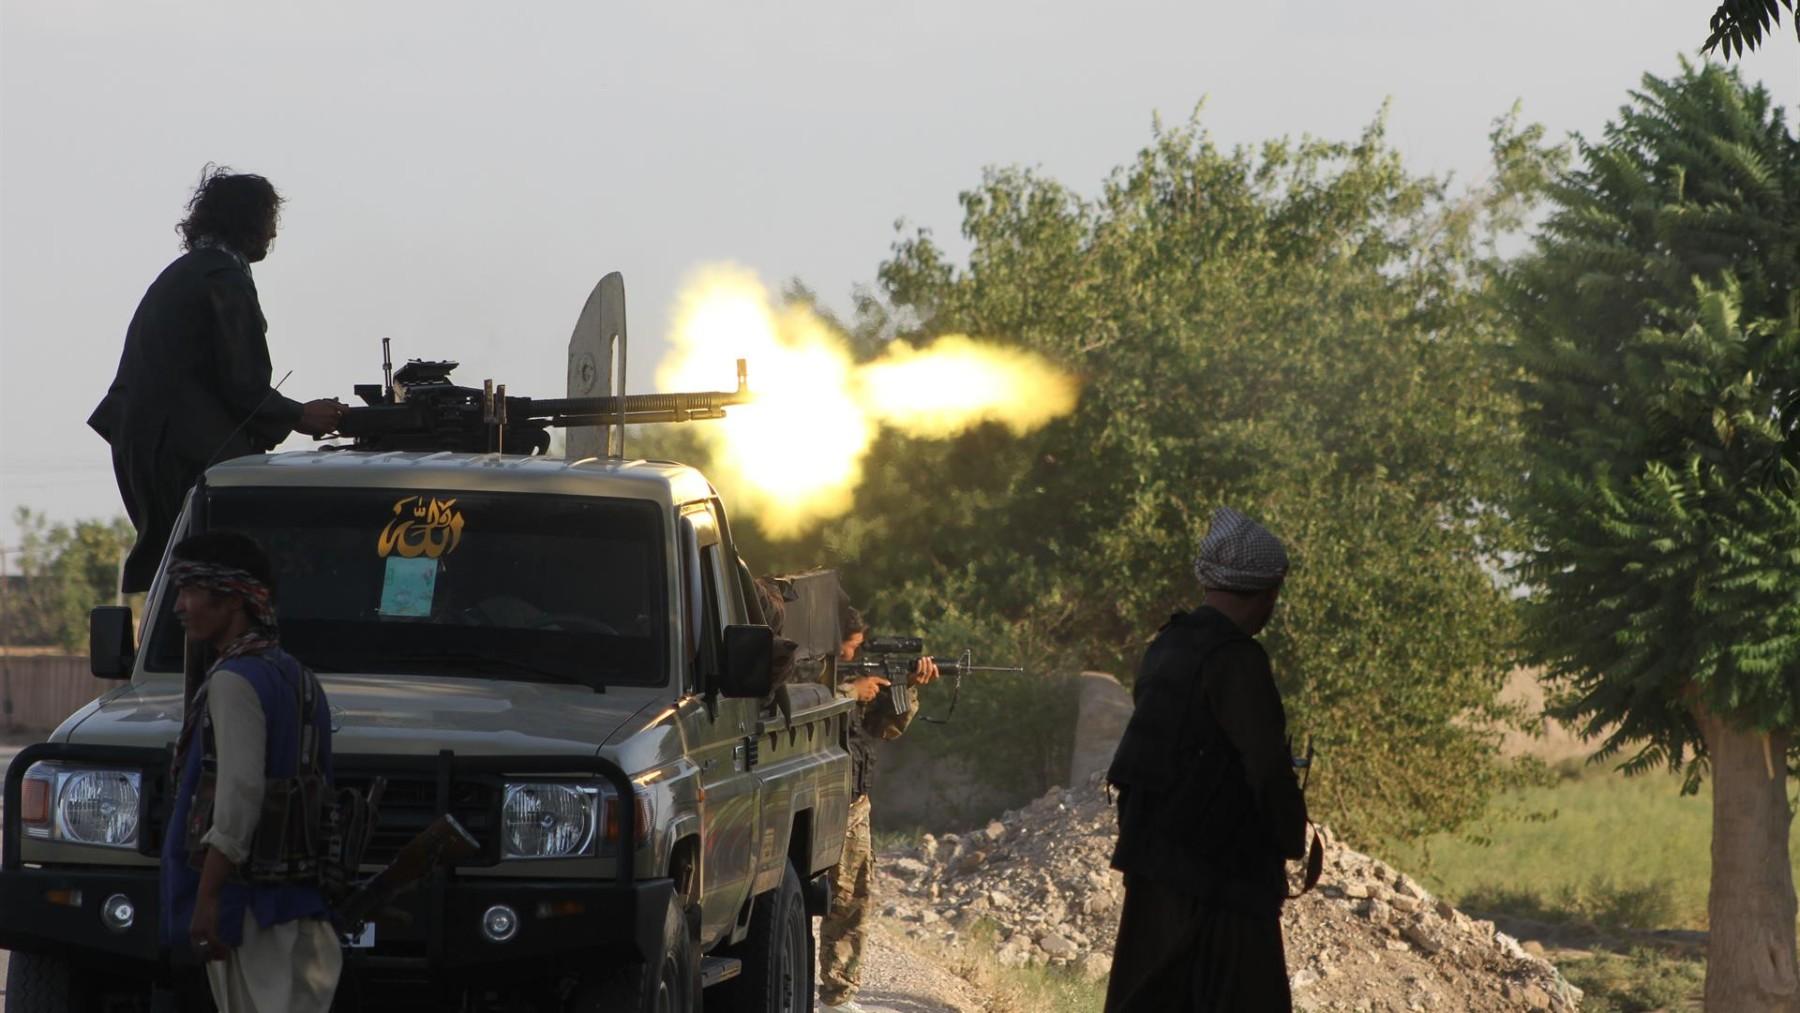 Fuerzas afganas intercambian disparos con militantes talibanes en la ciudad de Shiberghan. Foto: KAWA BASHARAT / XINHUA NEWS / CONTACTOPHOTO